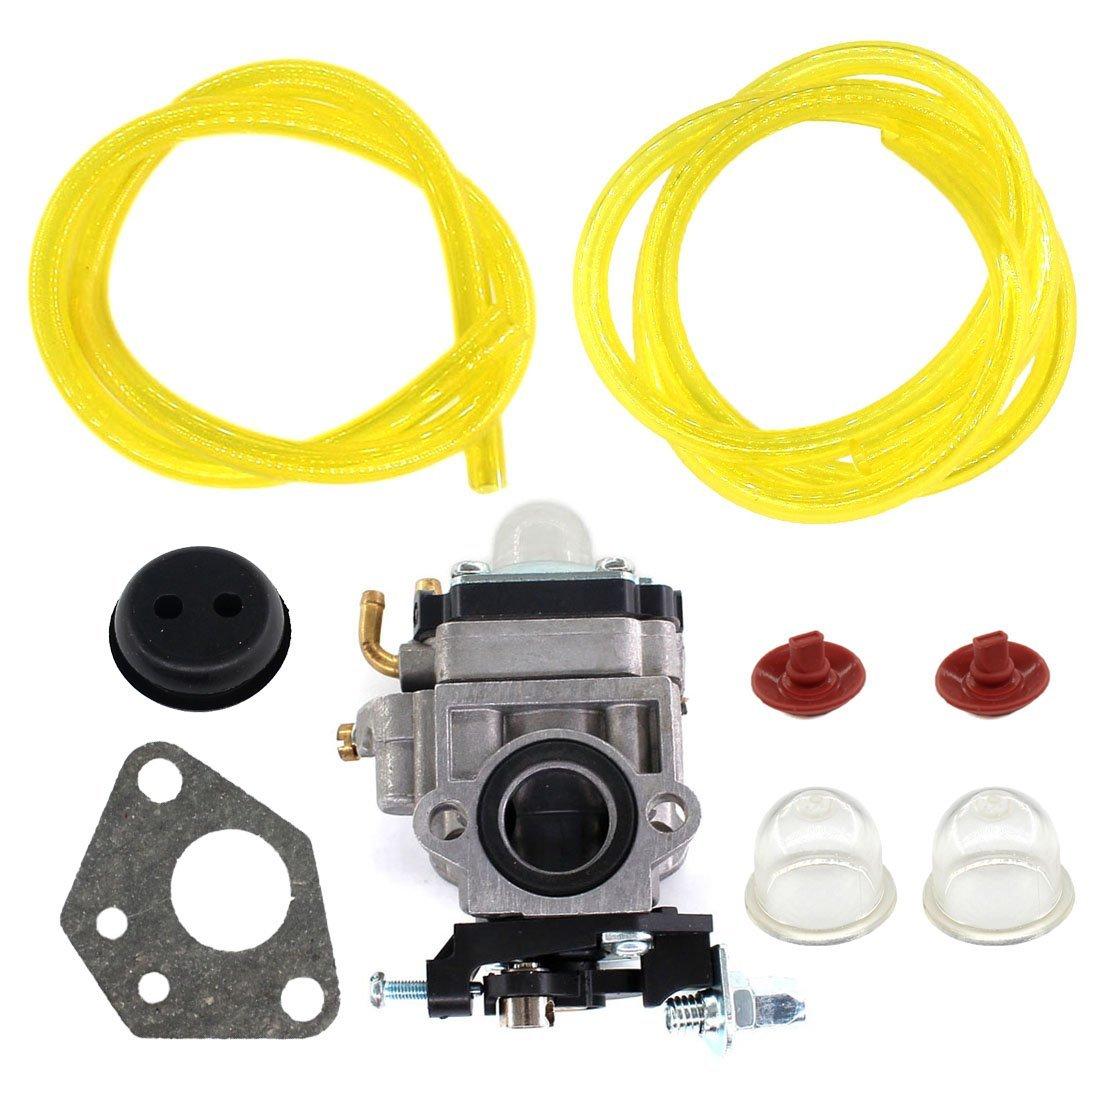 Cheap Rc Engine Carburetor, find Rc Engine Carburetor deals on line